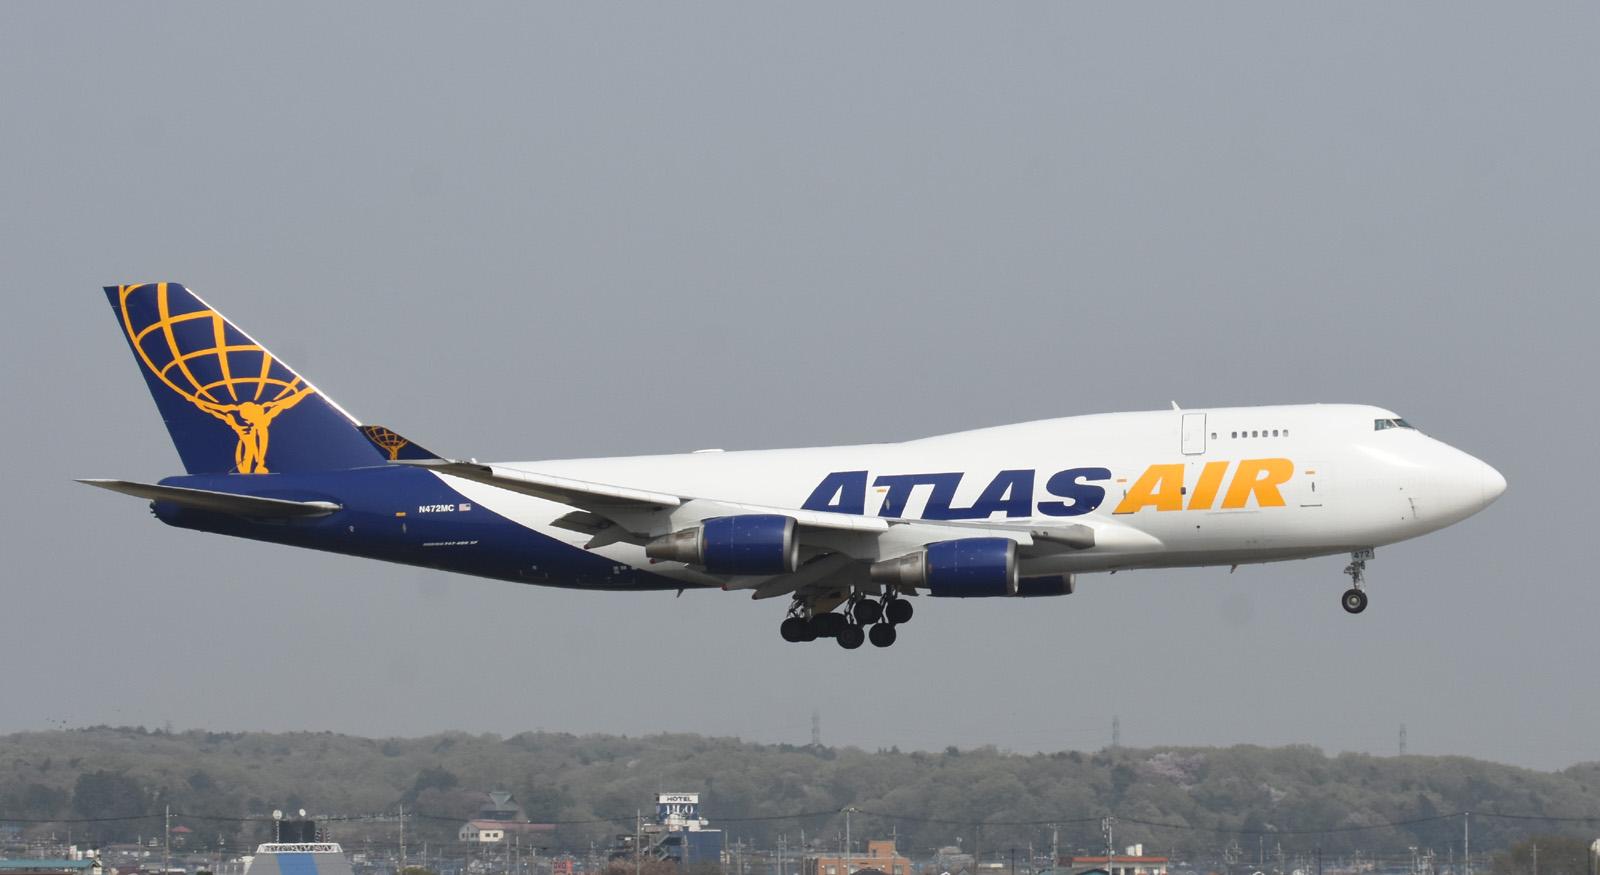 Atlas180403g693